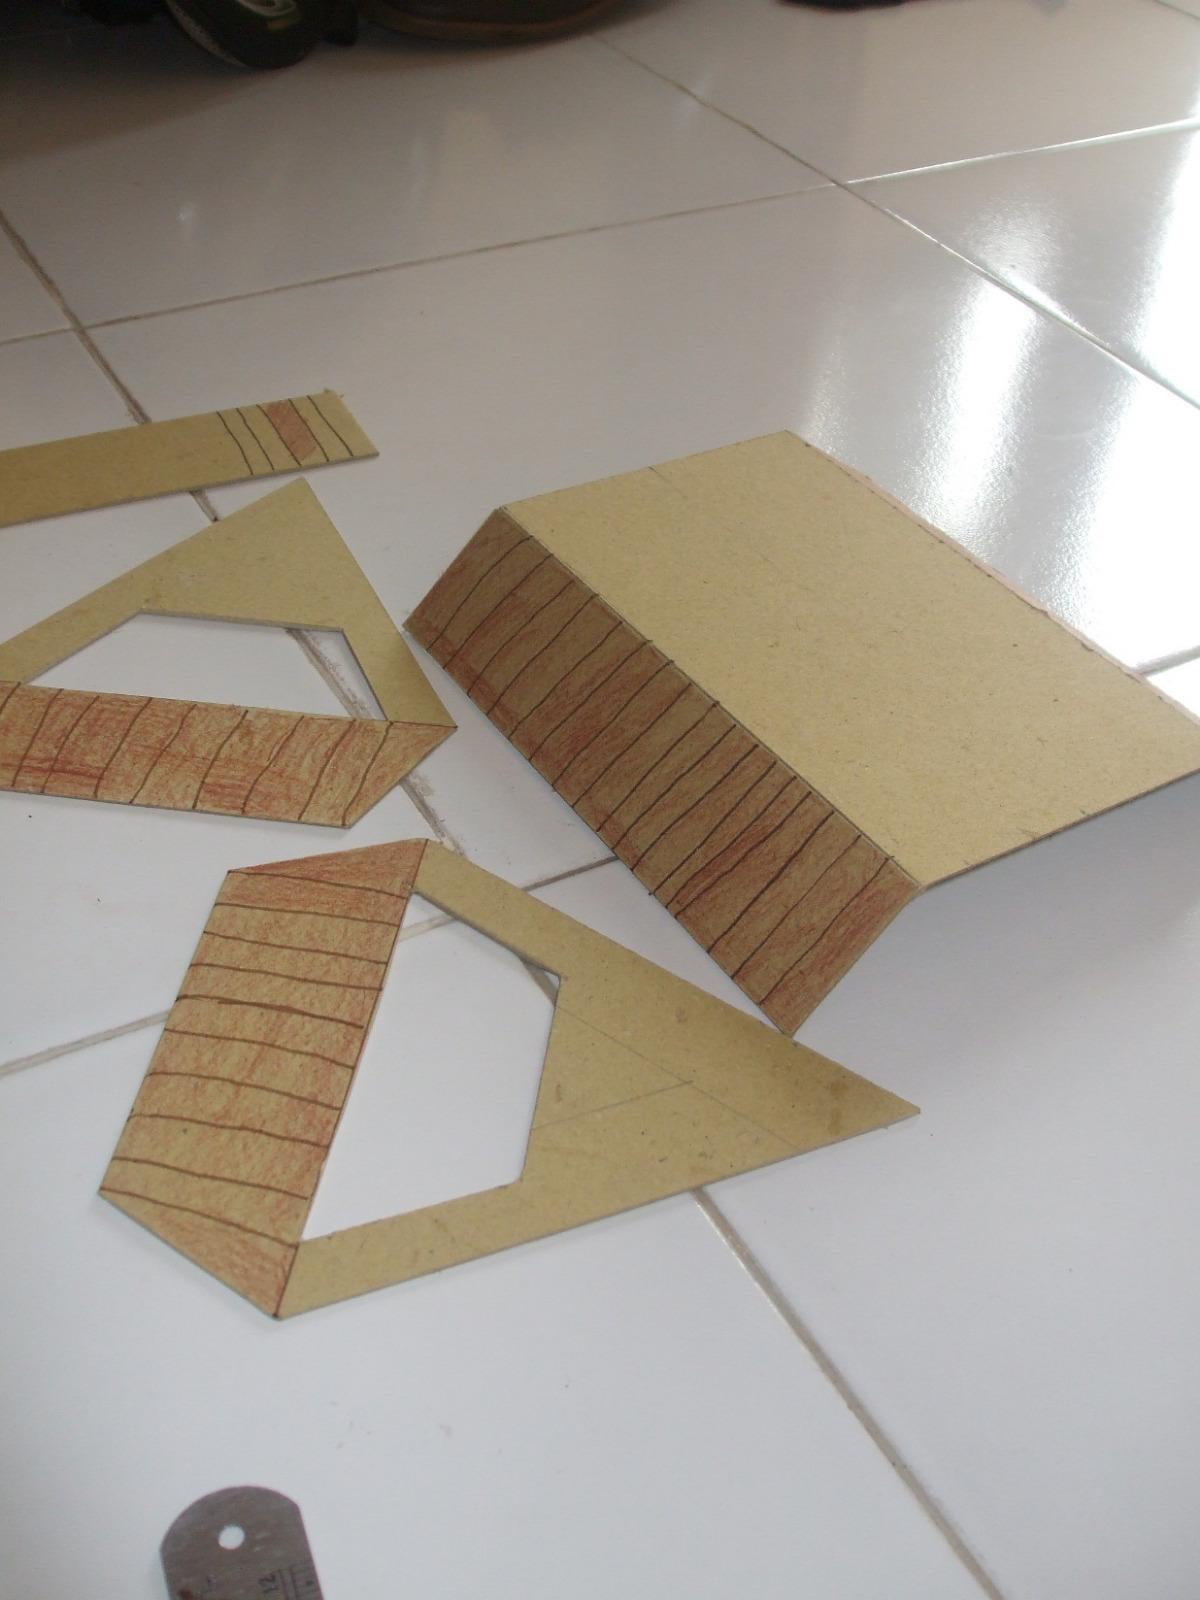 Cara Bikin Miniatur : bikin, miniatur, Membuat, Miniatur, Rumah, Sumatera, Barat, Cantik, Menawan